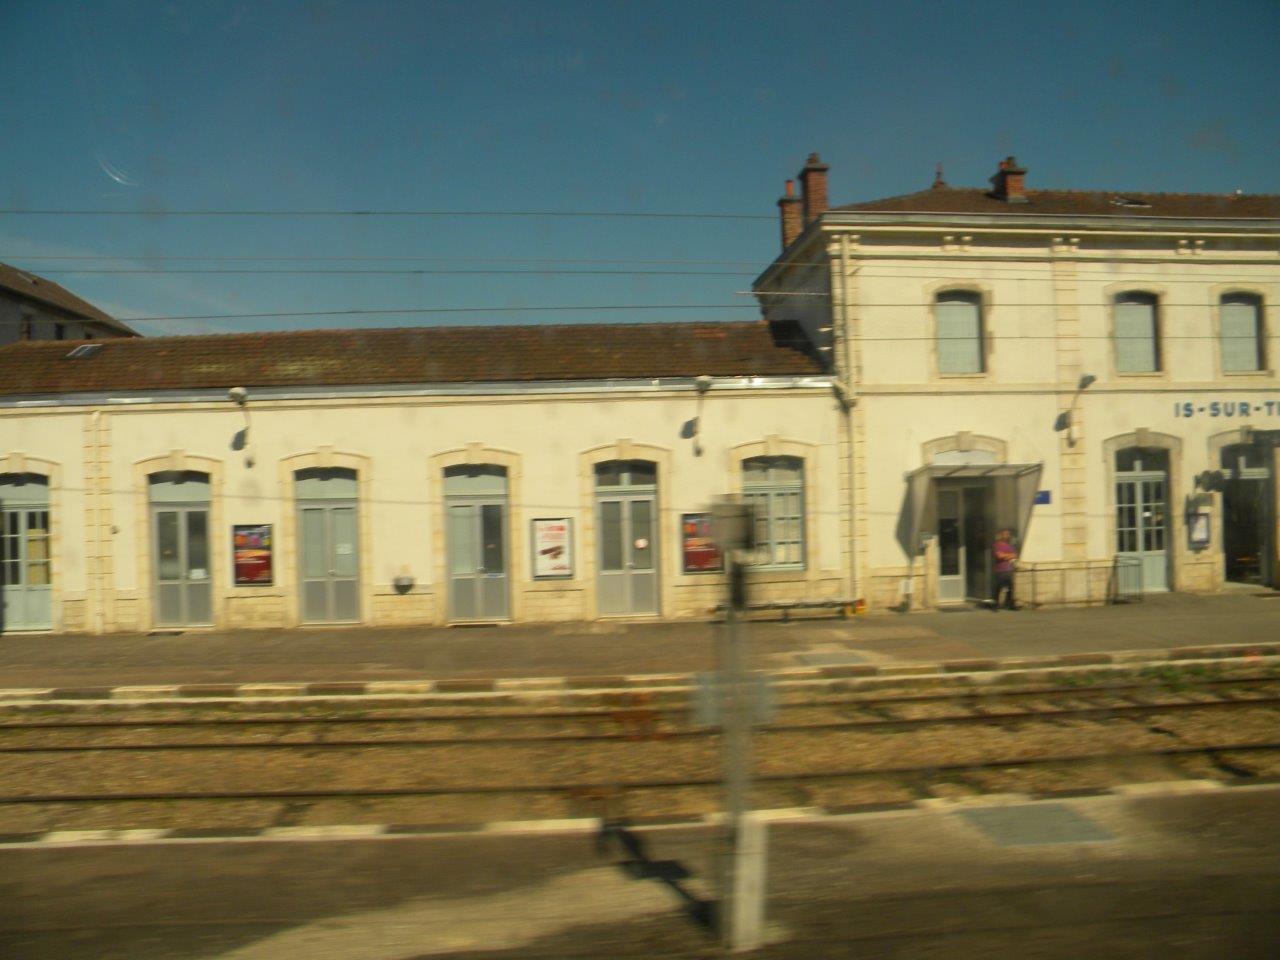 gare-d-is-sur-tille-train-station